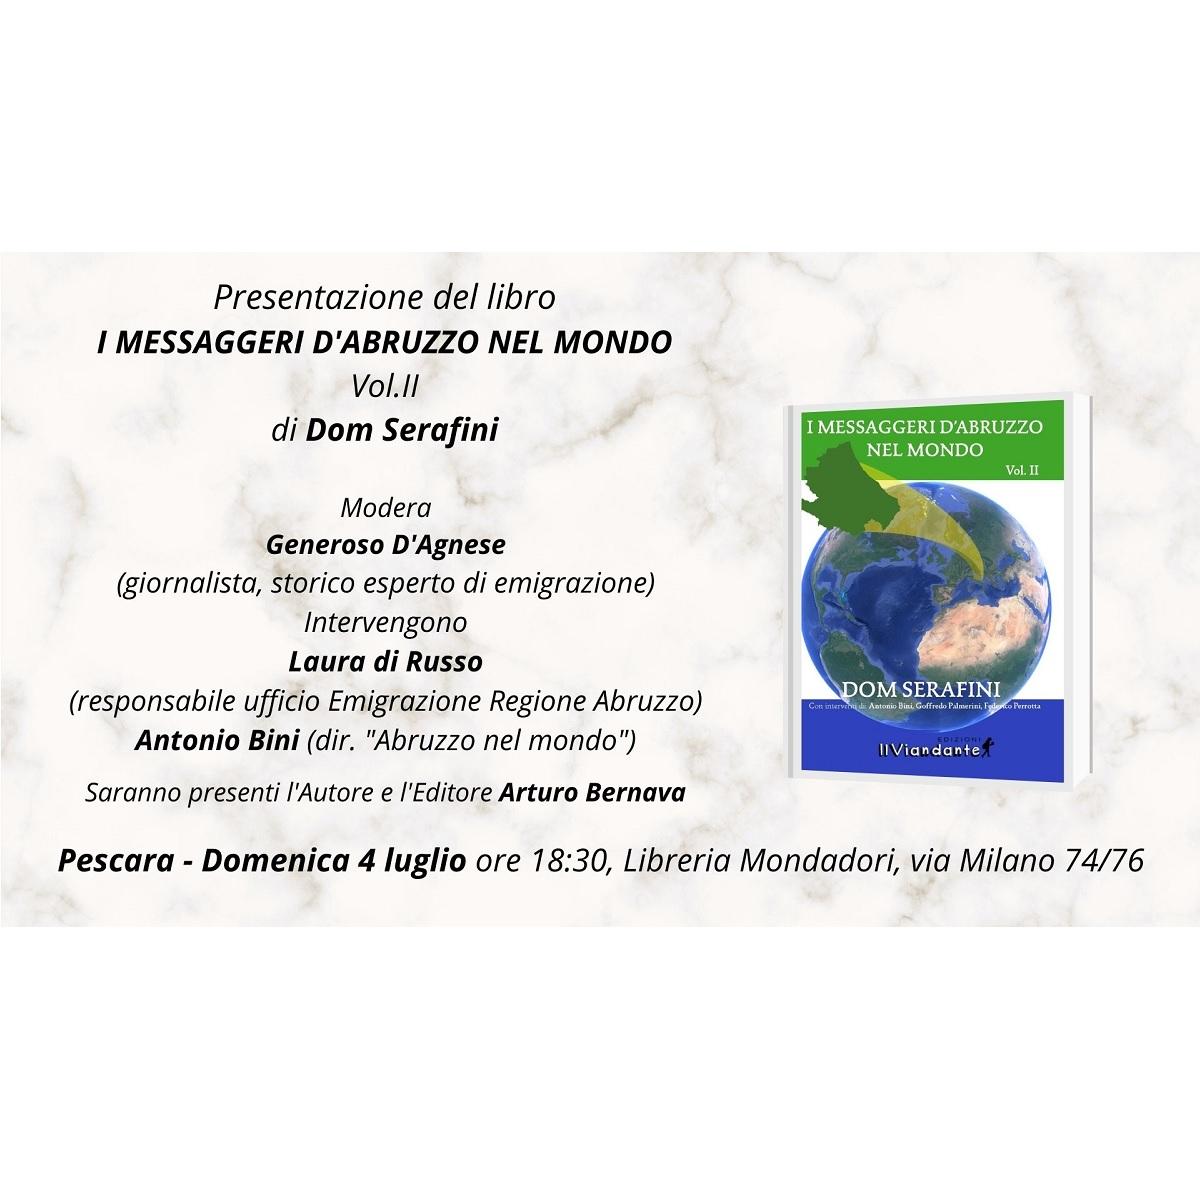 Presentazione del libro di Dom Serafini 4 luglio 2021 foto